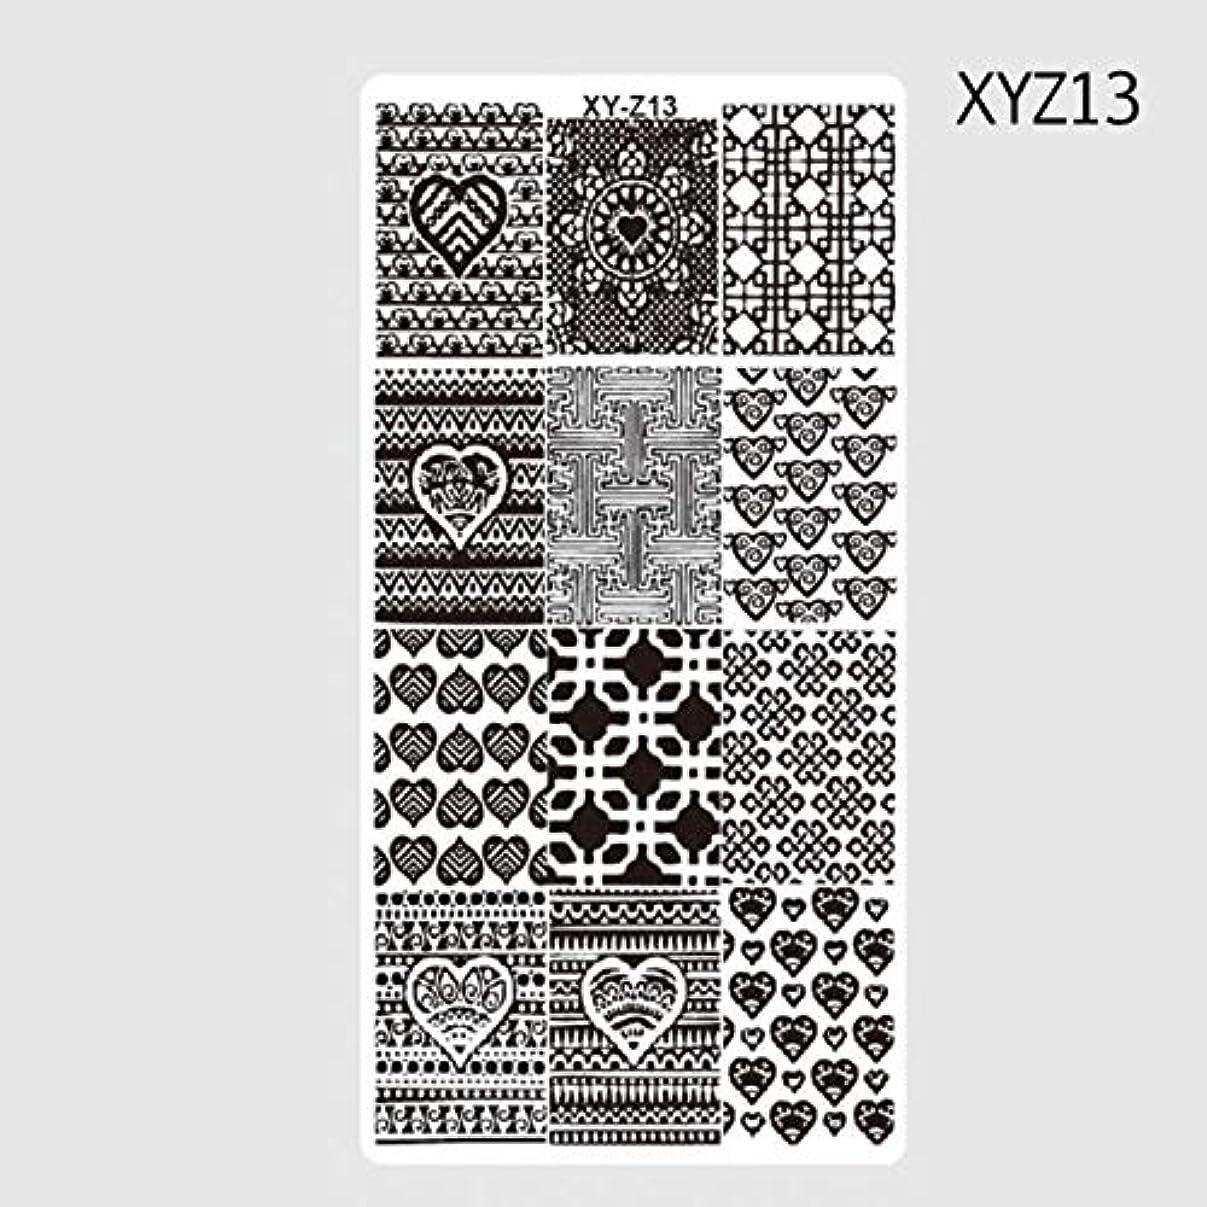 テンションキャンペーン仕事Yan 3ピースネイルスタンピングテンプレート風車花柄DIYネイルデザイン(XYZ01) (色 : XYZ13)